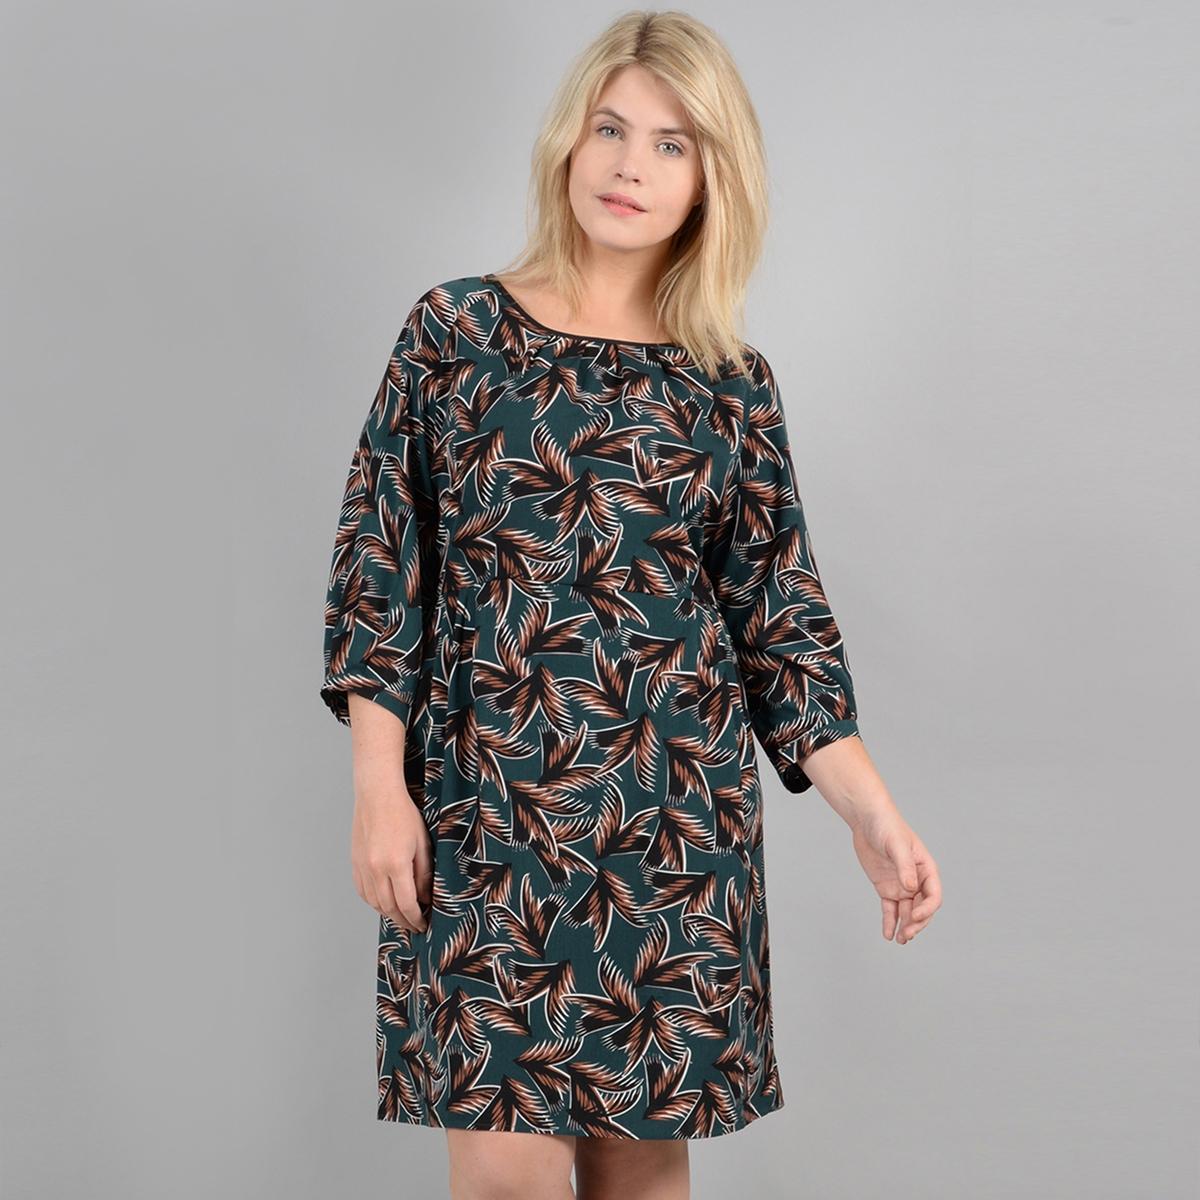 Платье La Redoute С графическим принтом круглый вырез рукава 50 (FR) - 56 (RUS) зеленый табурет с каретной стяжкой белый 40х40 см